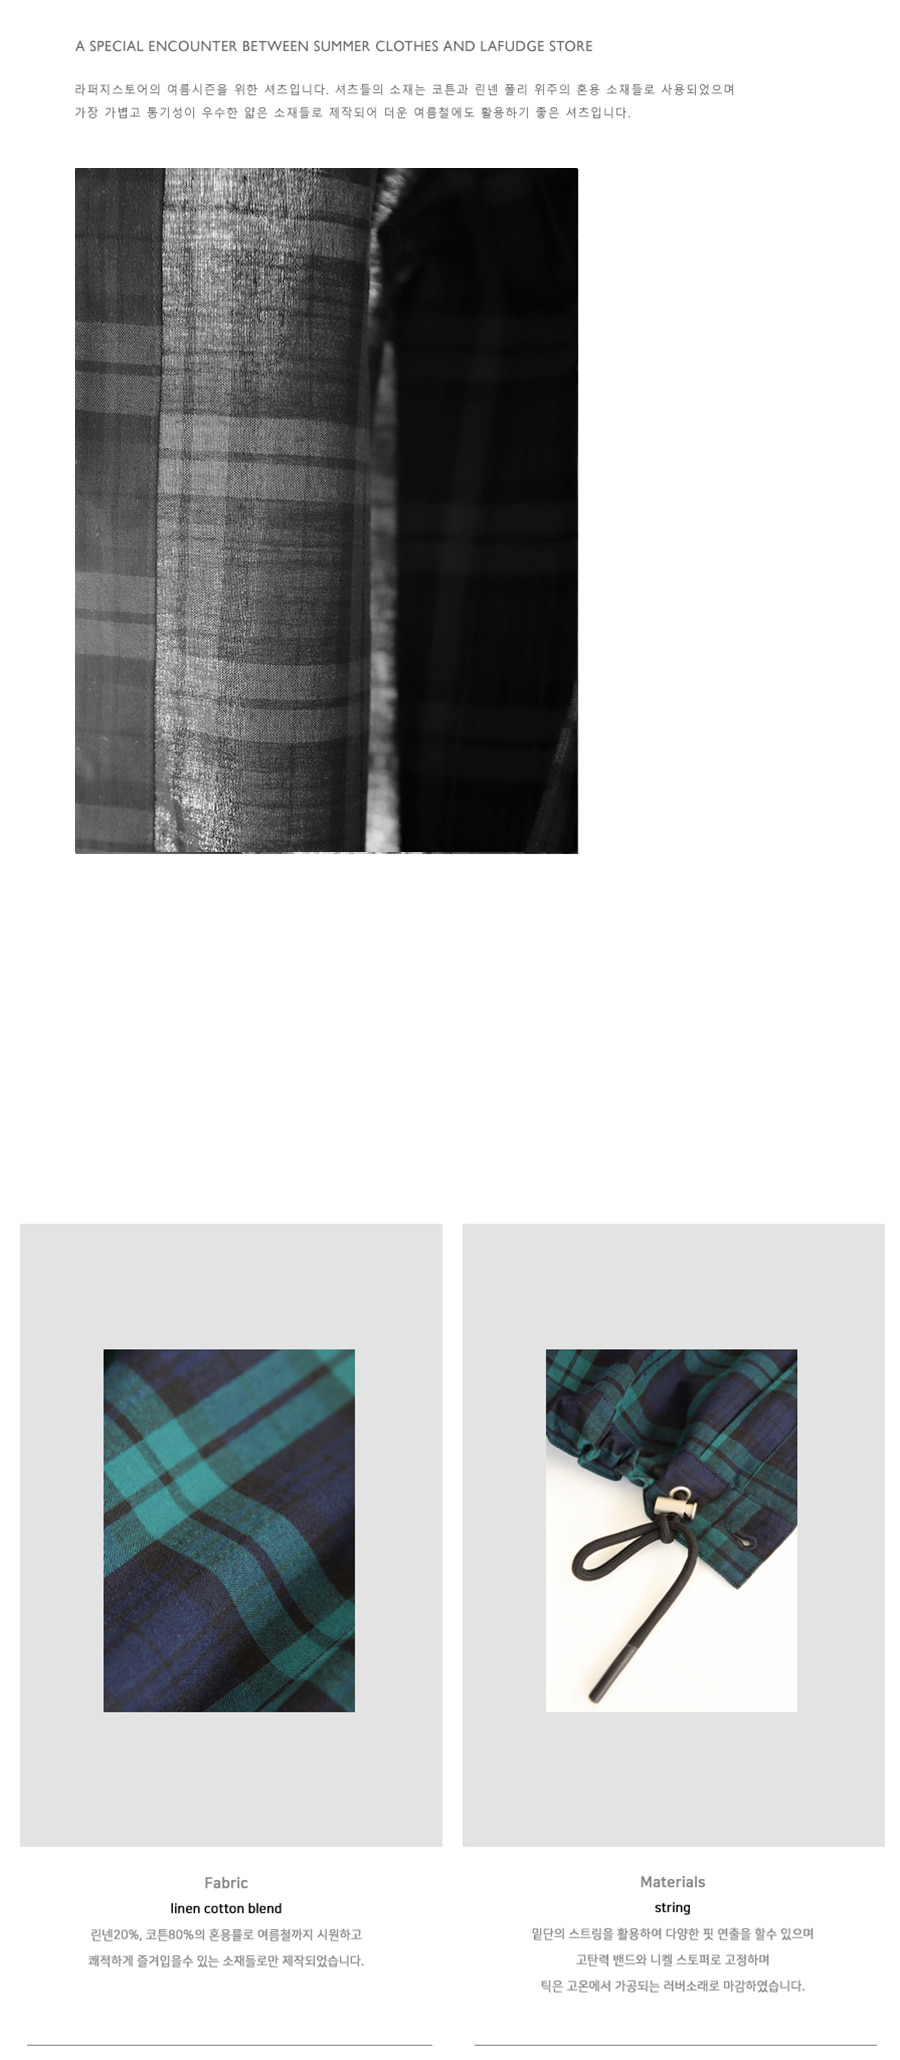 라퍼지스토어(LAFUDGESTORE) 클래식 트러커 셔츠_Green Check